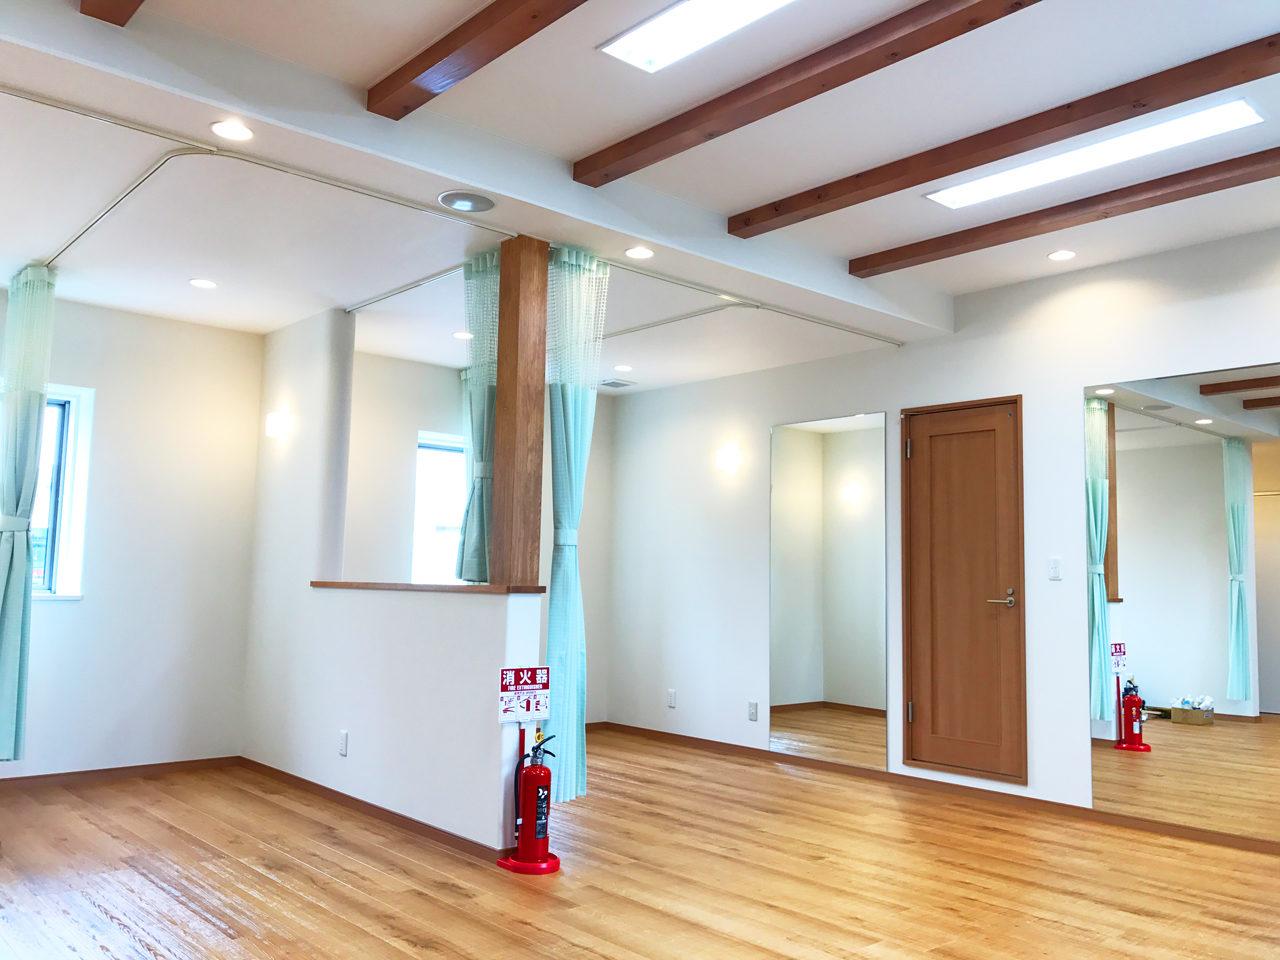 店舗(鍼灸接骨院)付き住宅の接骨院施術室